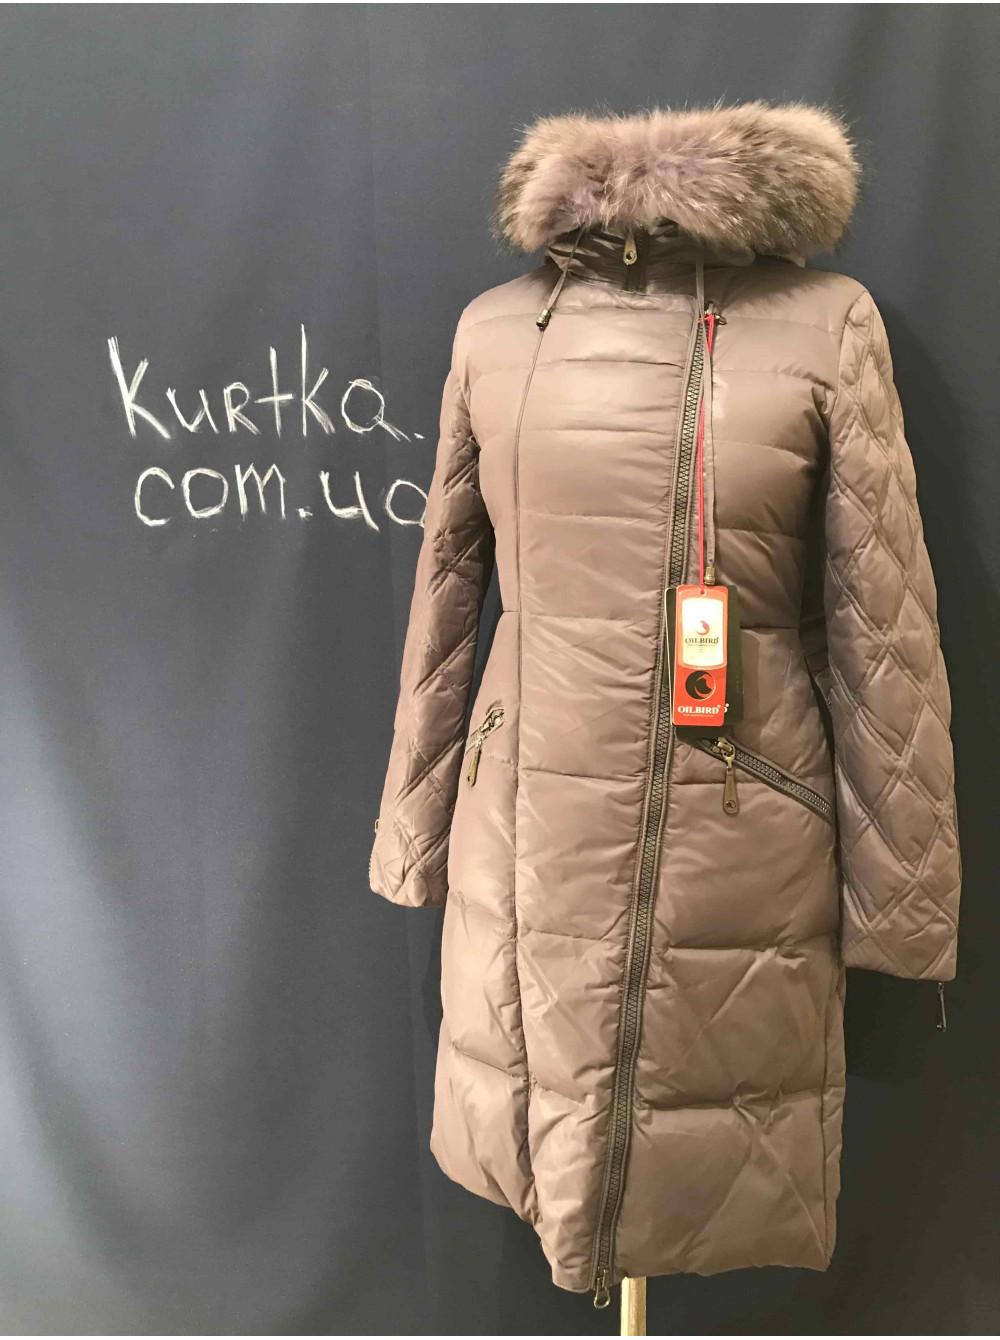 Купити зимовий жіночий пуховик з натуральним хутром Oilbird Україна ... e5a75a28d5984